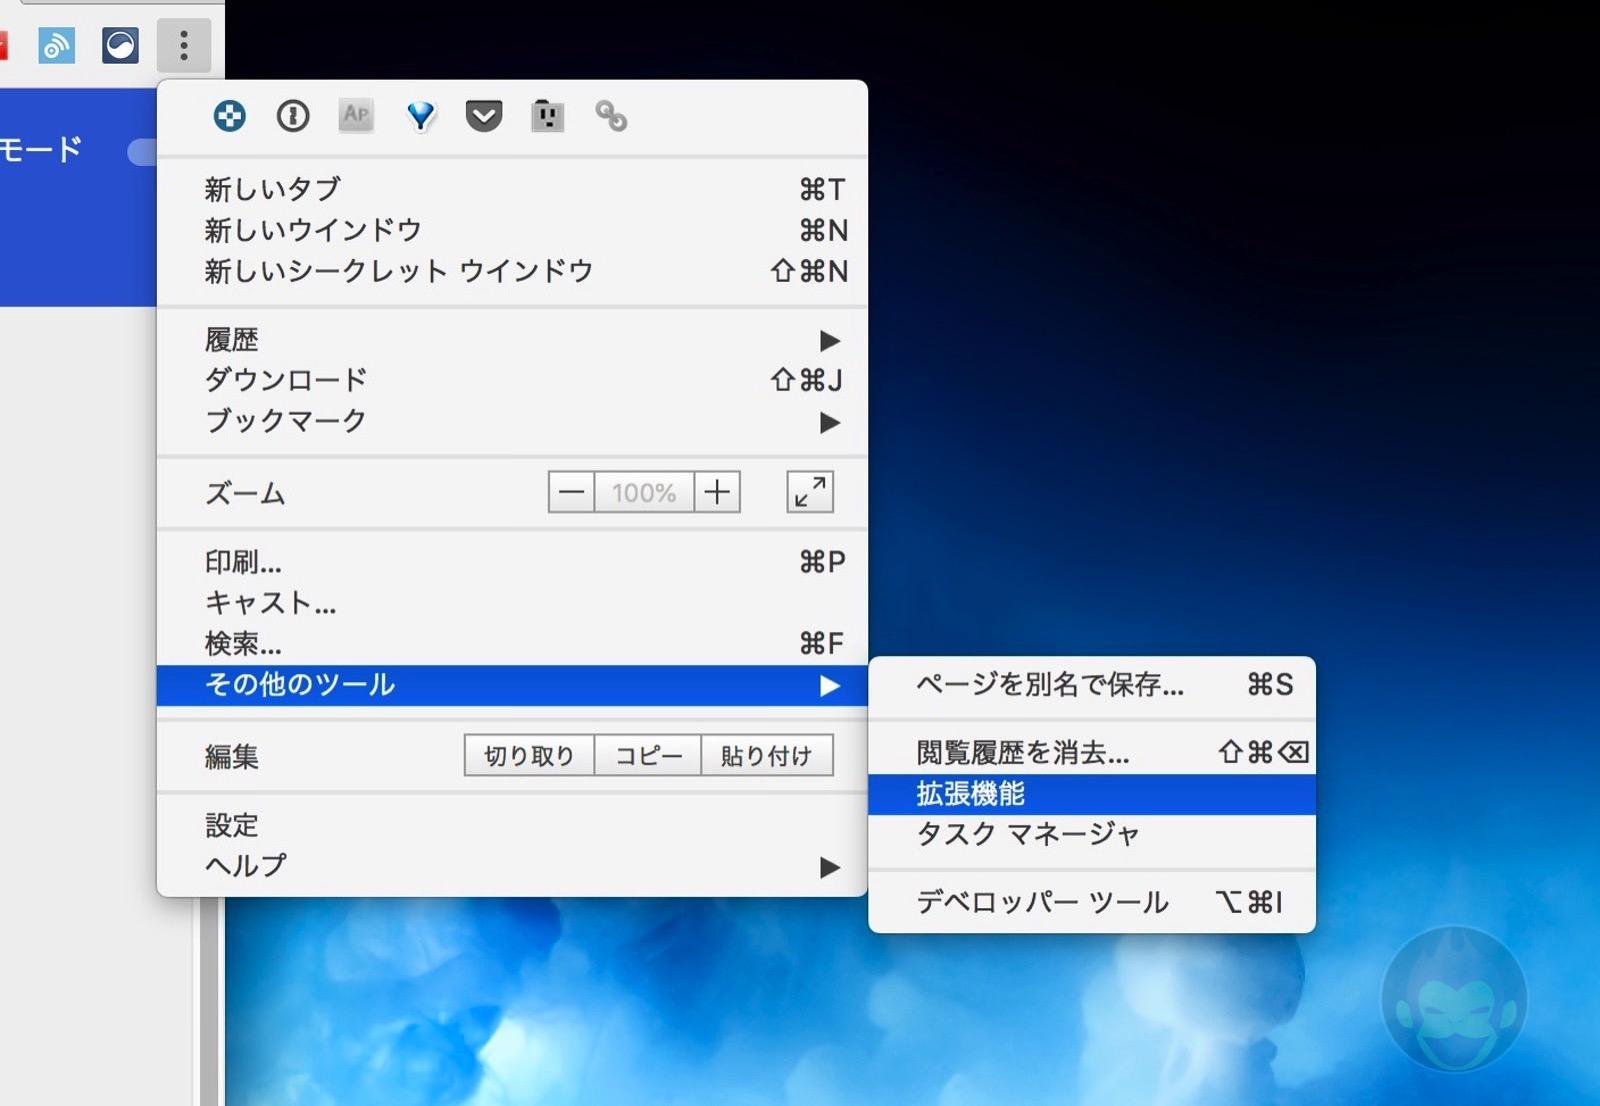 Making-Google-Chrome-Work-Faster-05.jpg